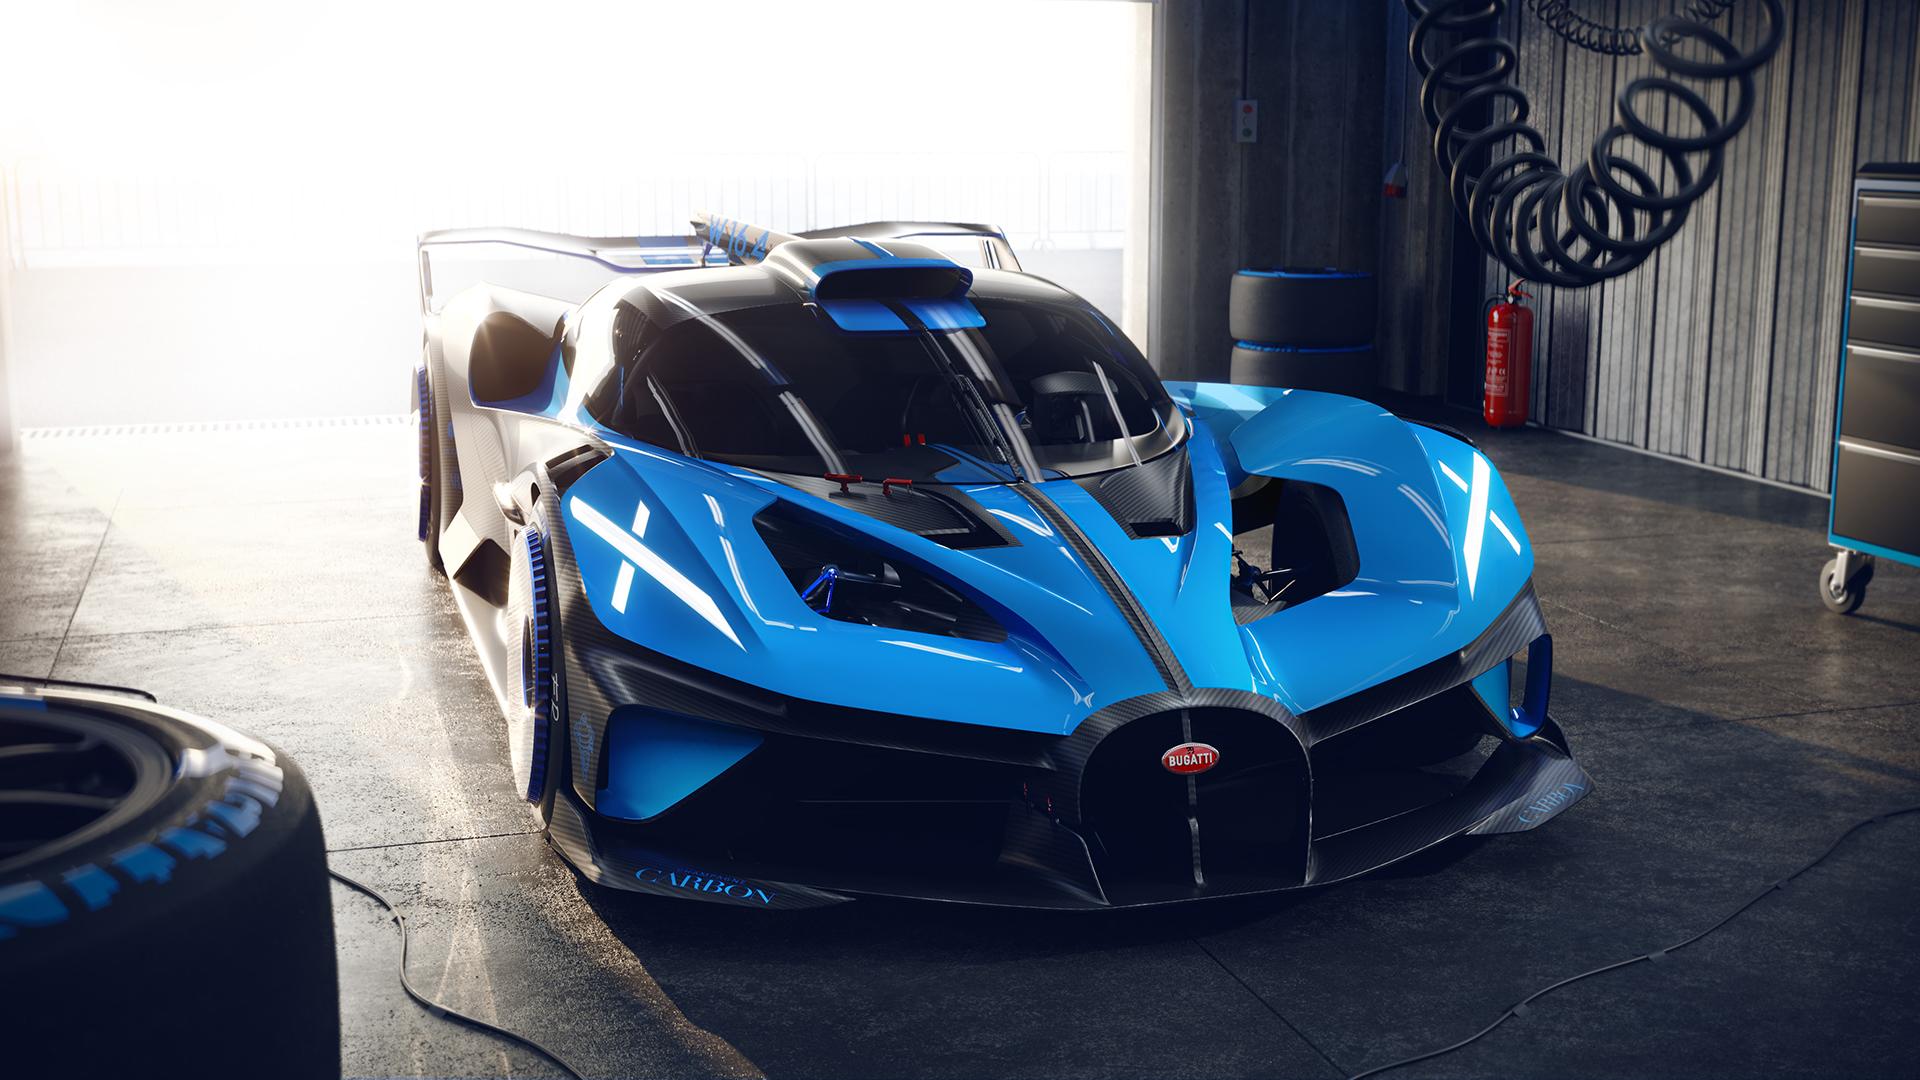 The track-focused Bugatti Bolide